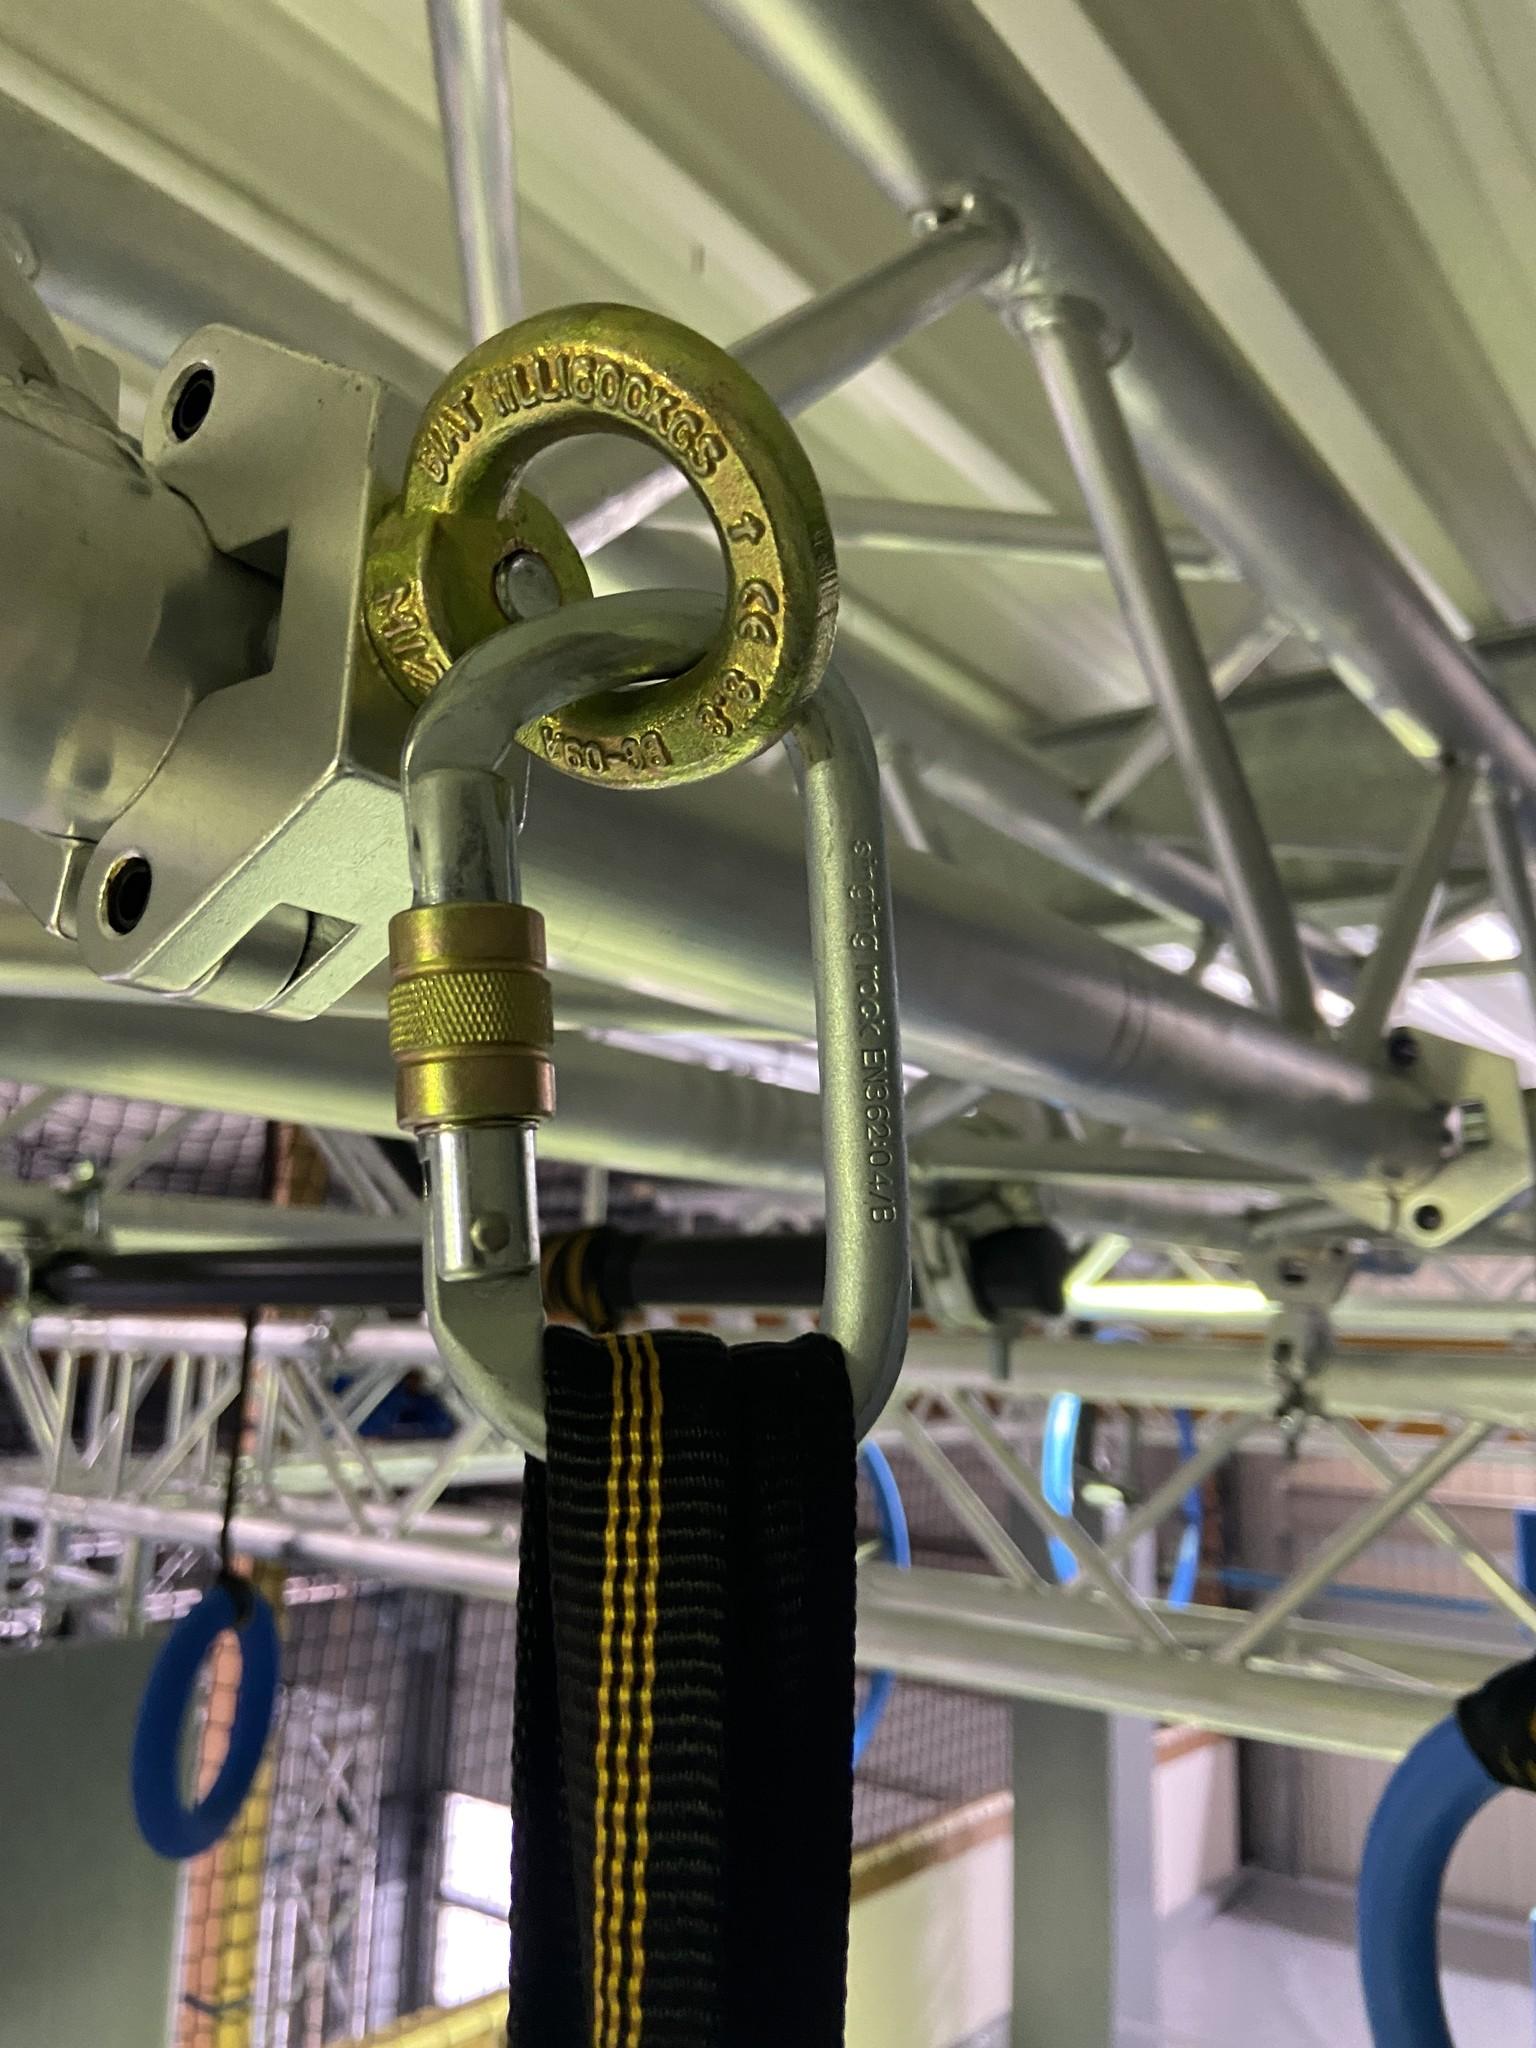 Ovaler Stahlkarabiner mit Schraubverschluss